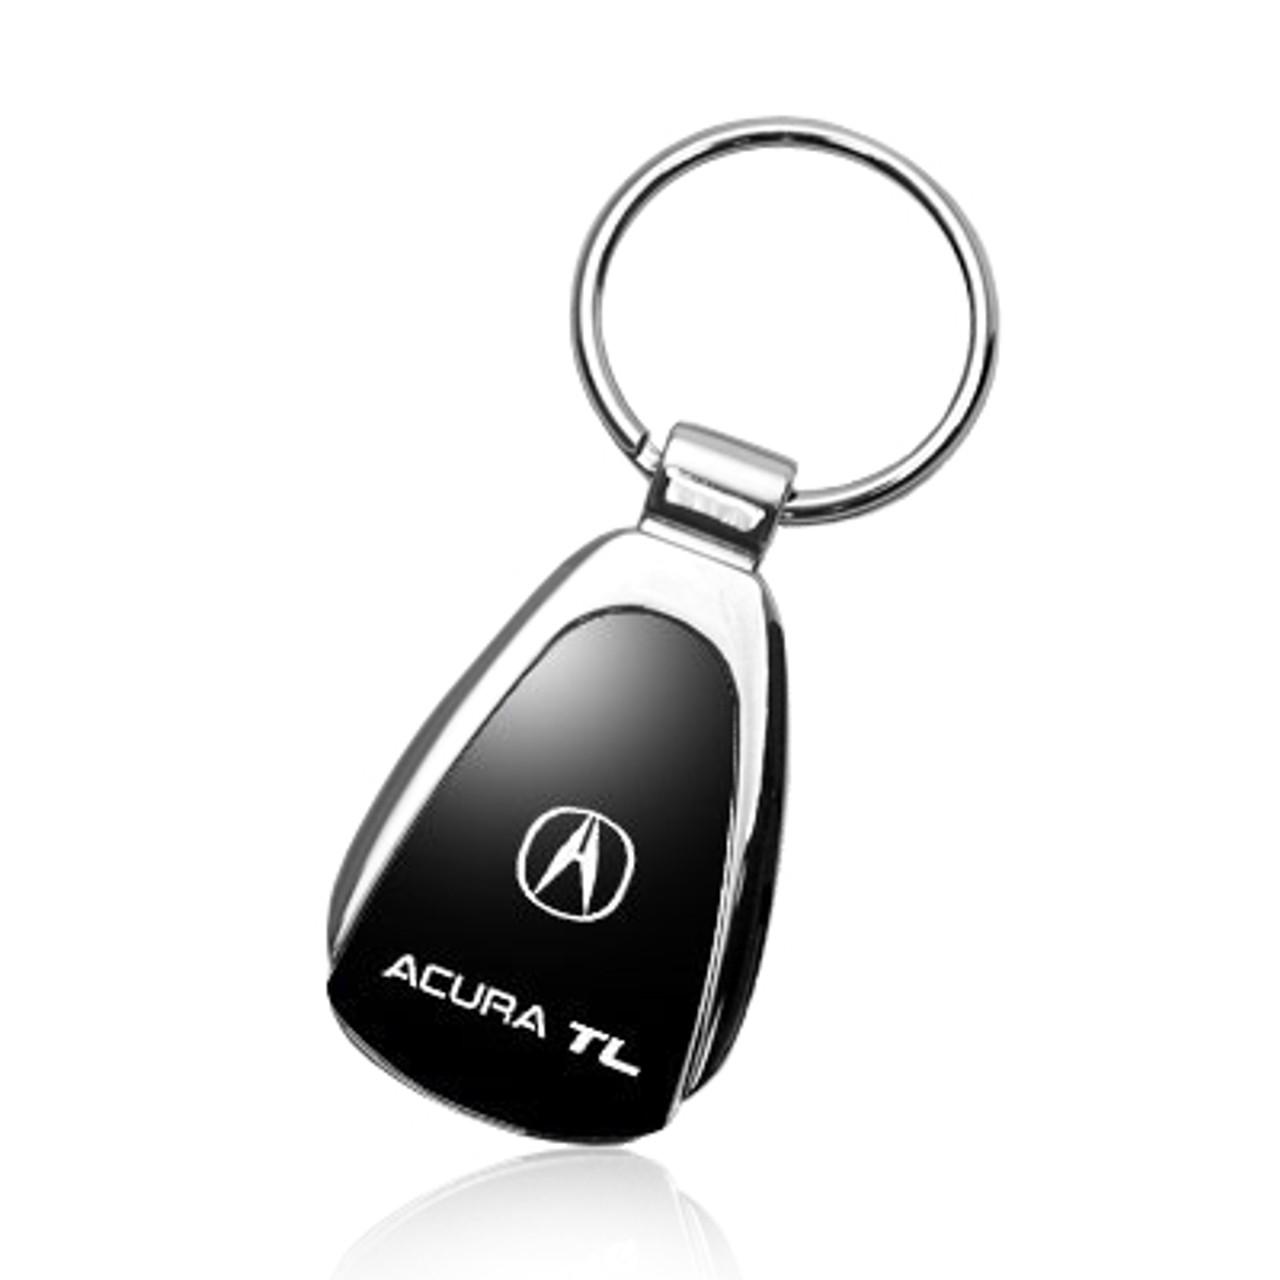 Tear Drop Keychain /& Keyring with Acura RSX Logo